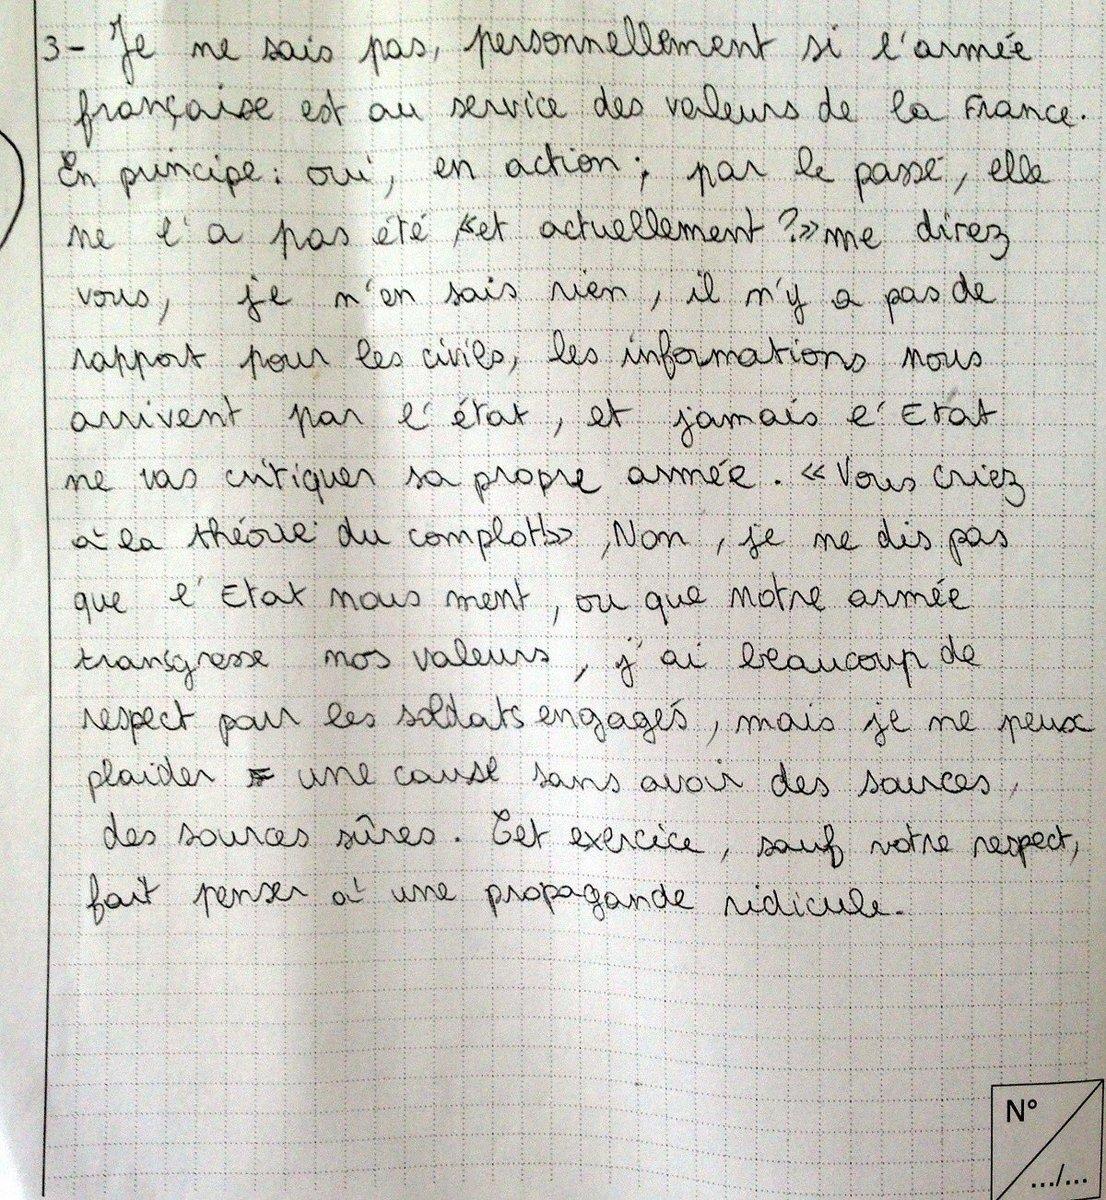 """L'image montrant la réponse d'un élève de 3e à la question du brevet : """"Montrez que l'armée française est au service des valeurs de la République et de l'UE"""" est probablement un Hoax."""